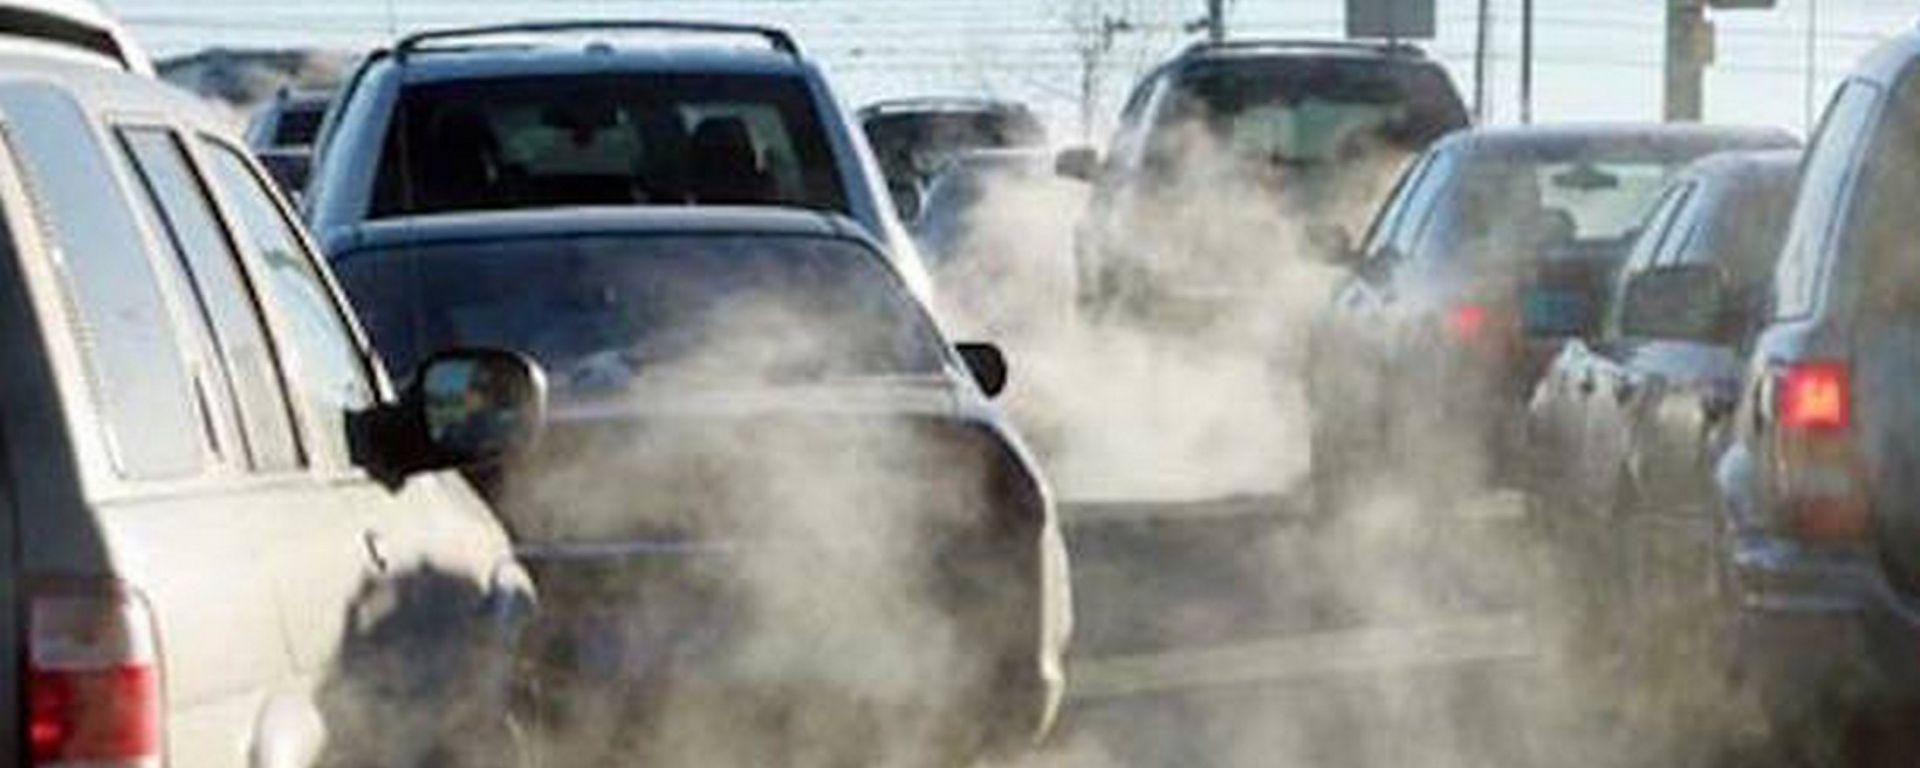 Blocchi del traffico: fermi anche i diesel euro 4. Ecco dove